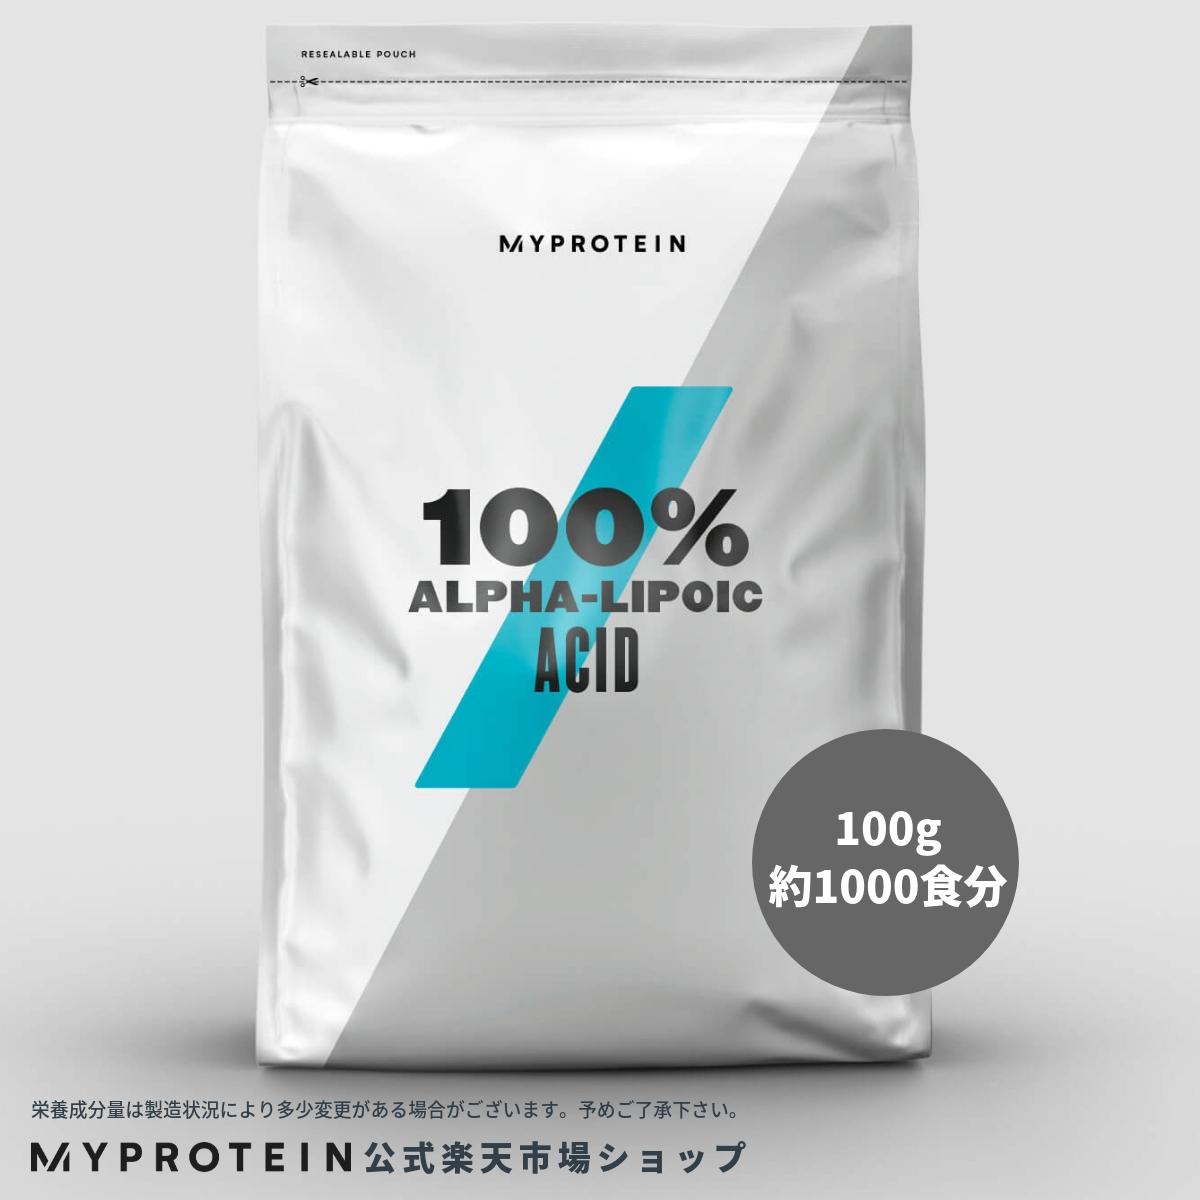 マイプロテイン 公式 【MyProtein】 アルファ リポイック アシッド (アルファリポ酸)  100g 1,000食分| サプリメント サプリ リポ酸 ALA 栄養補助食品 栄養補助 リカバリー スポーツサプリ スポーツサプリメント 【楽天海外直送】